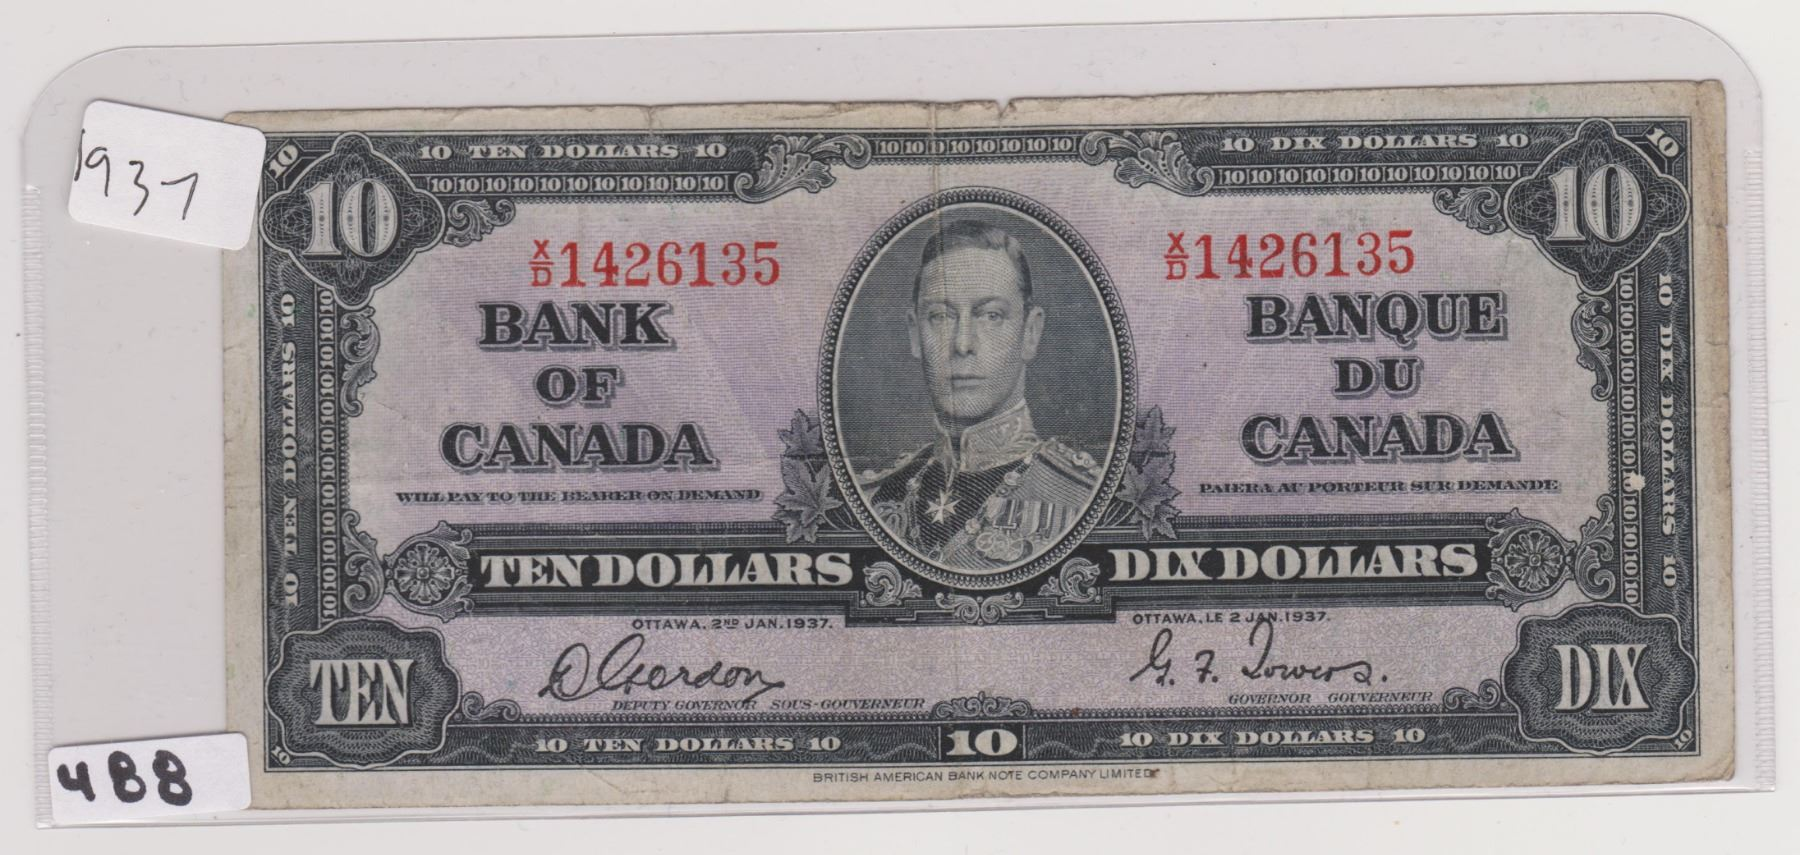 1937 10 DOLLAR BILL